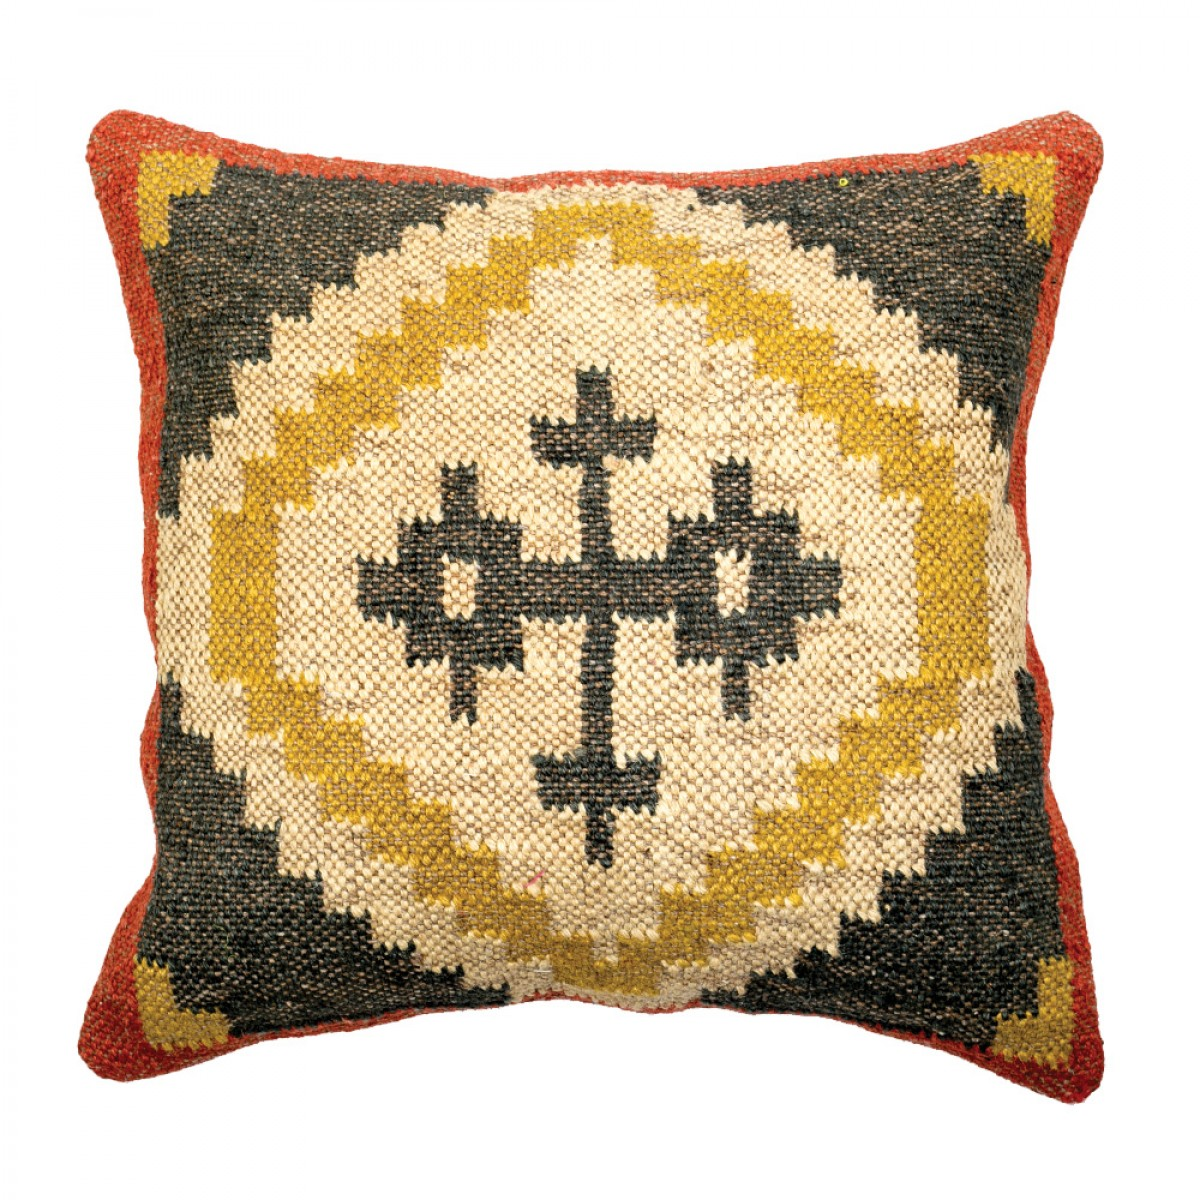 Jute and Wool Kilim Cushion Cover